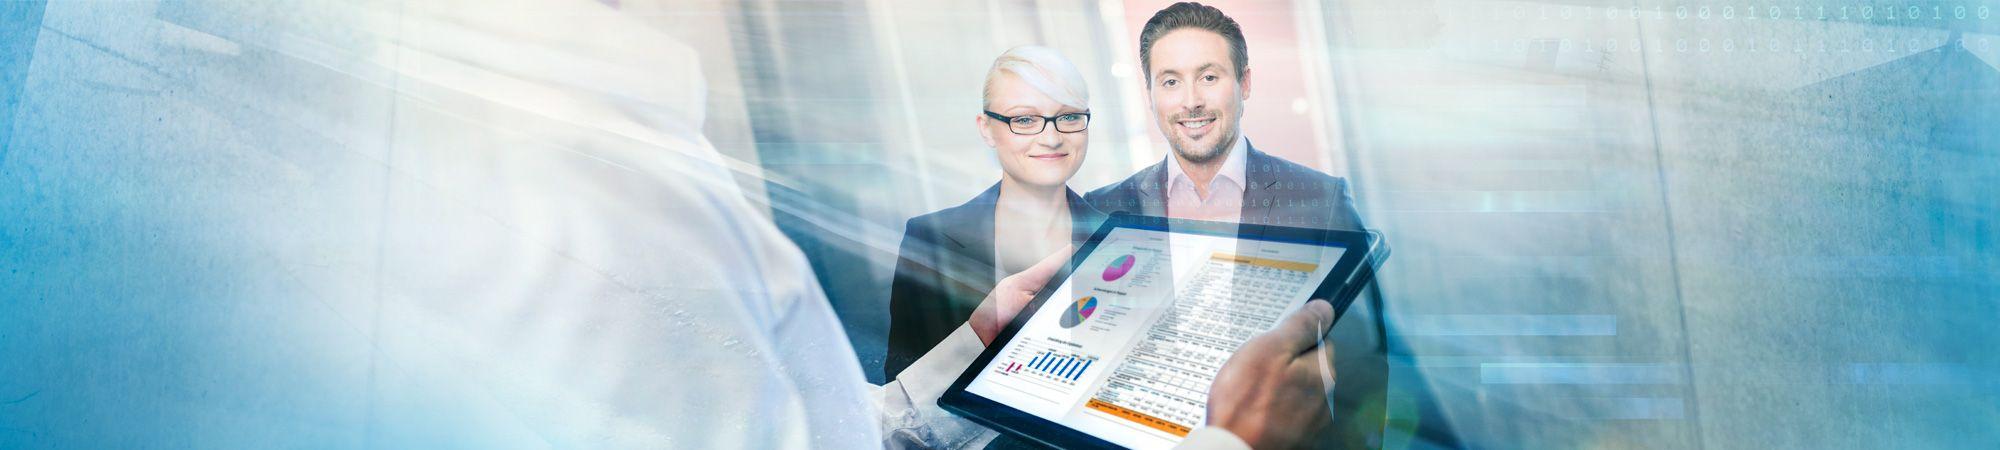 VRV 2015-konformes Finanzwesen für jede Phase Ihrer Verwaltungsmodernisierung